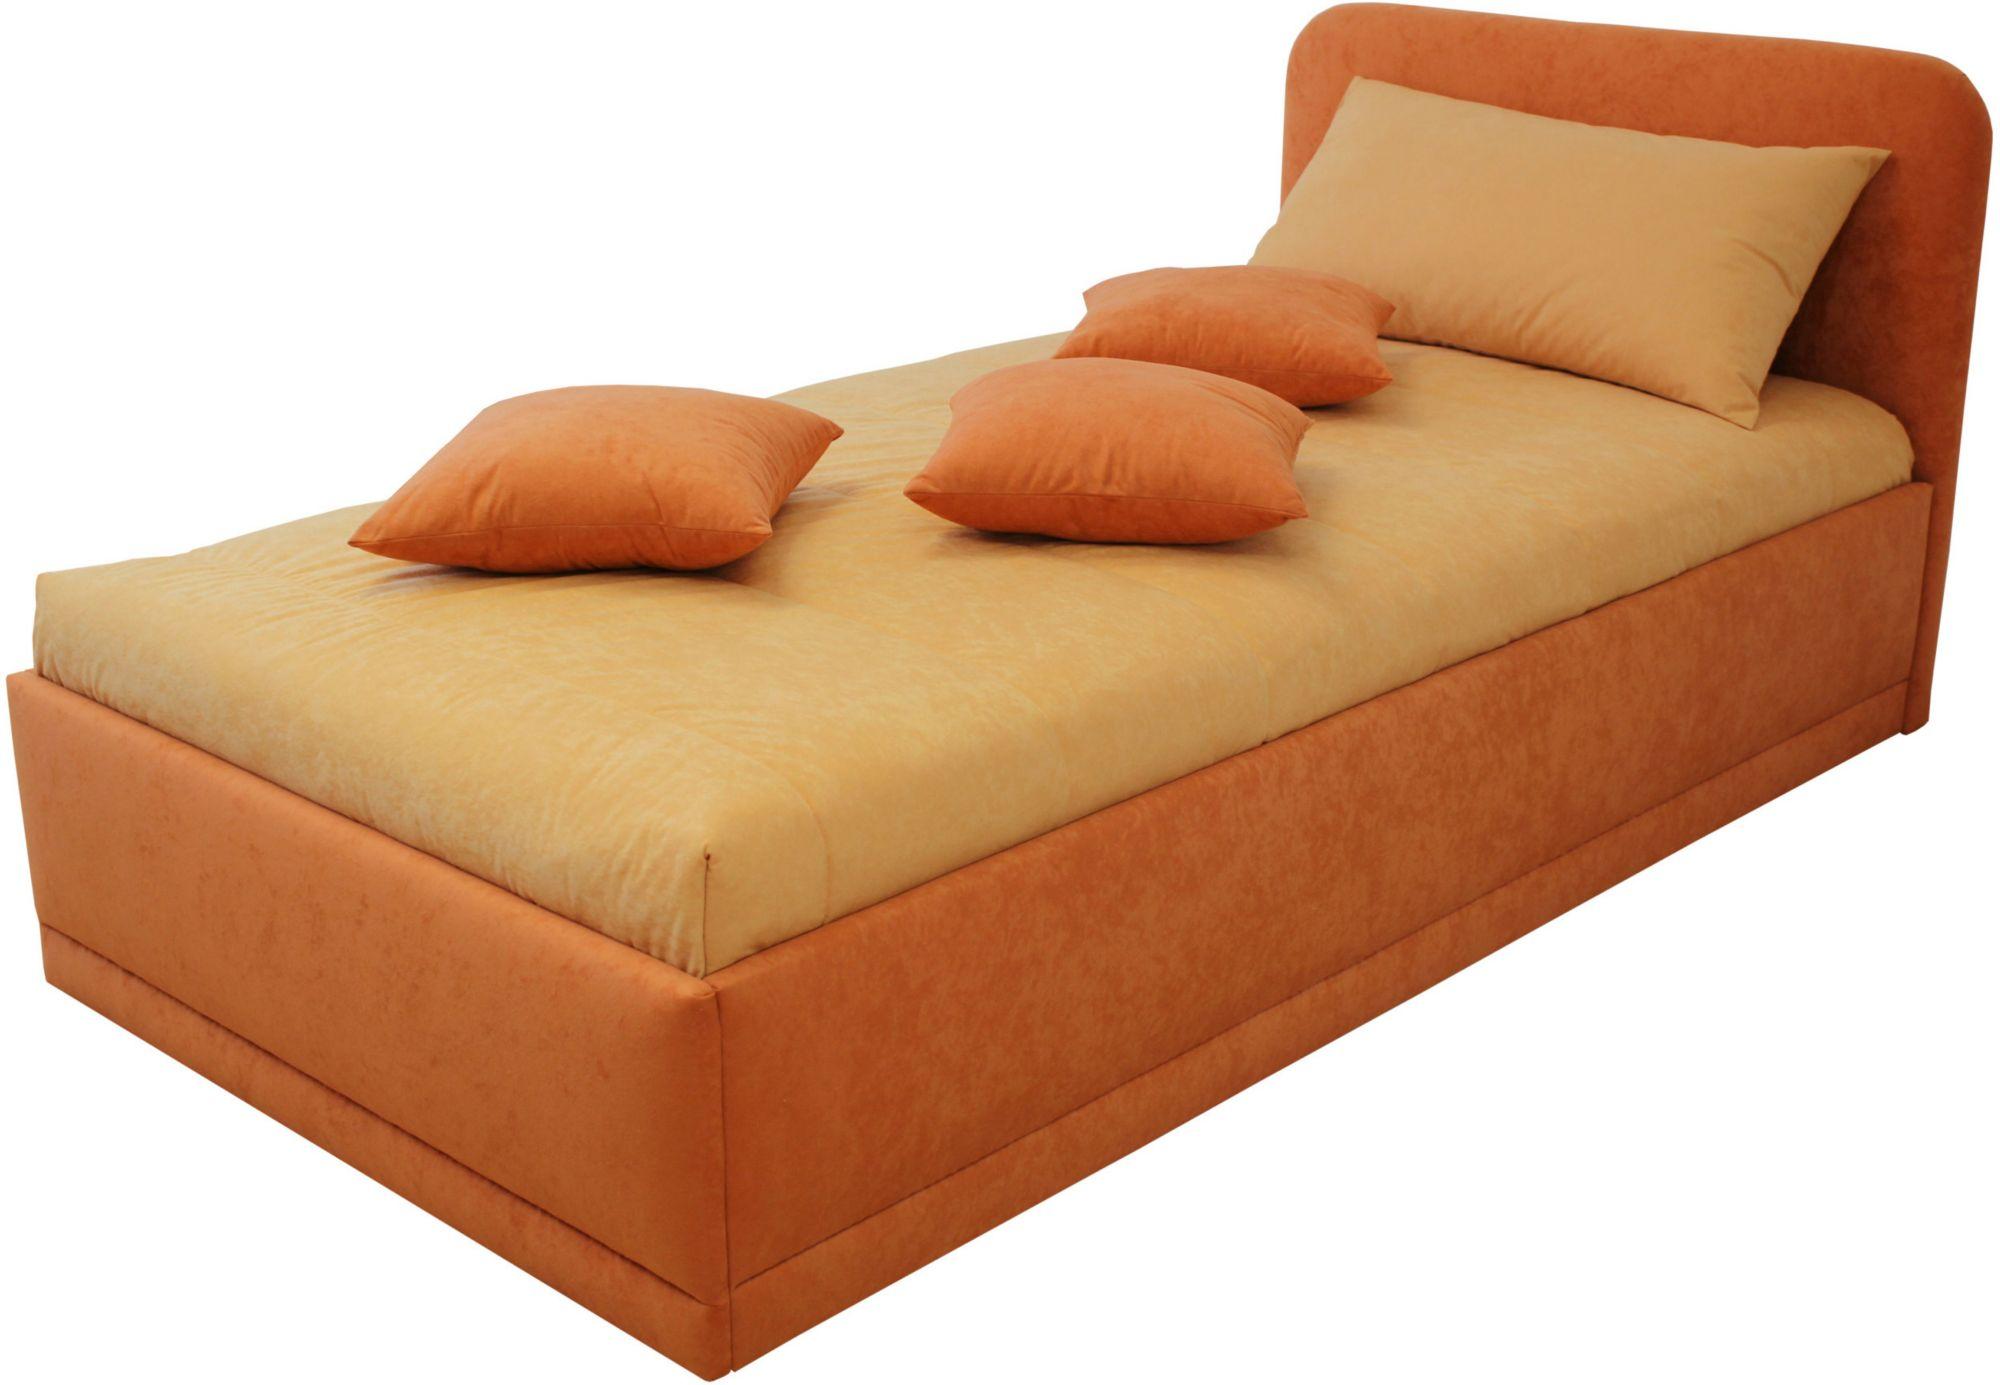 ihre suchanfrage f r polsterbett ergab 188 treffer. Black Bedroom Furniture Sets. Home Design Ideas